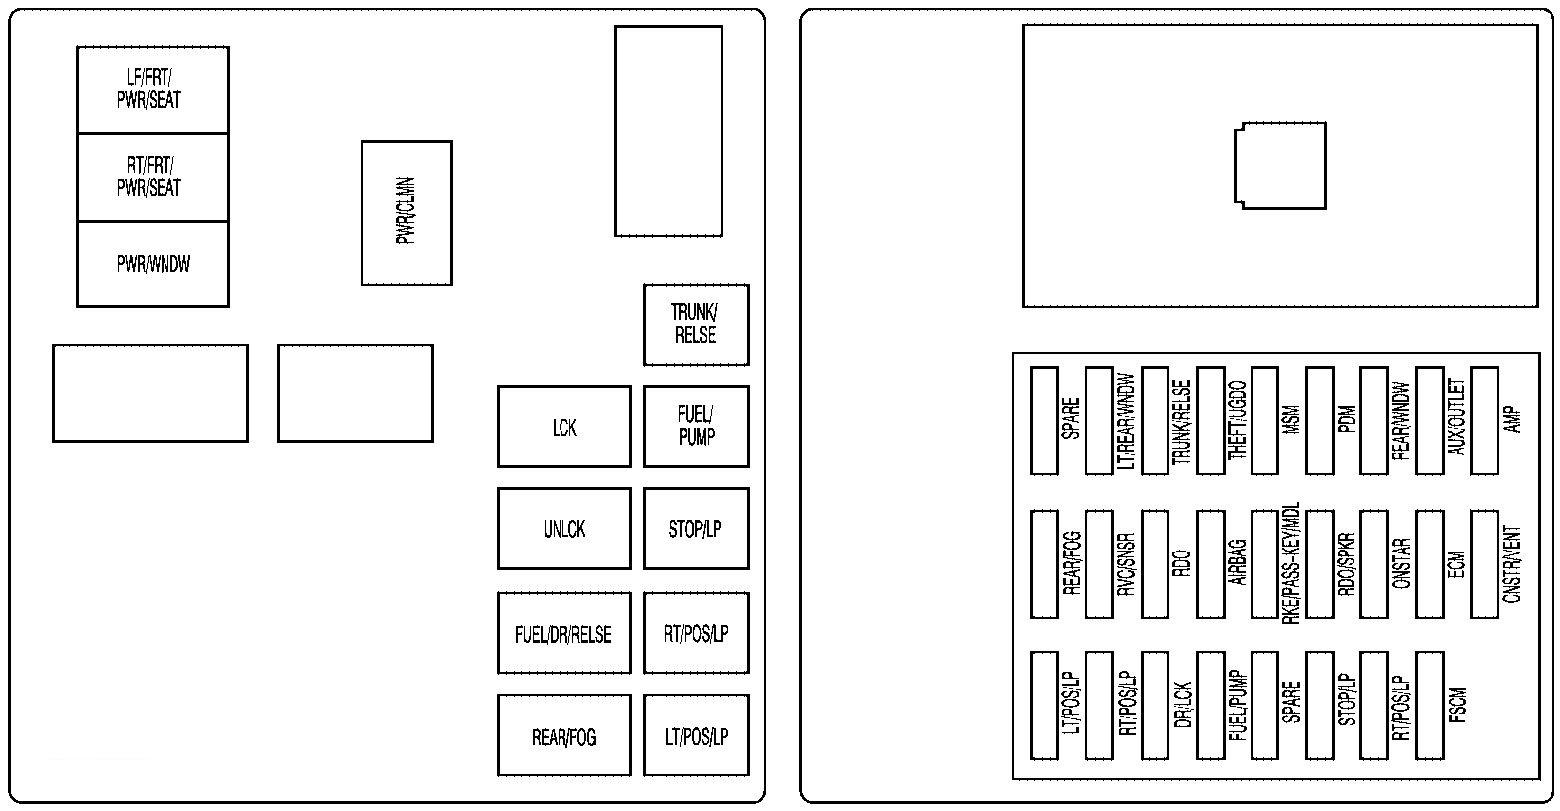 Fuse Box For 2000 Cadillac Sts Wiring Library 01 Srx Rear Detailed Diagrams 2009 Hyundai Santa Fe